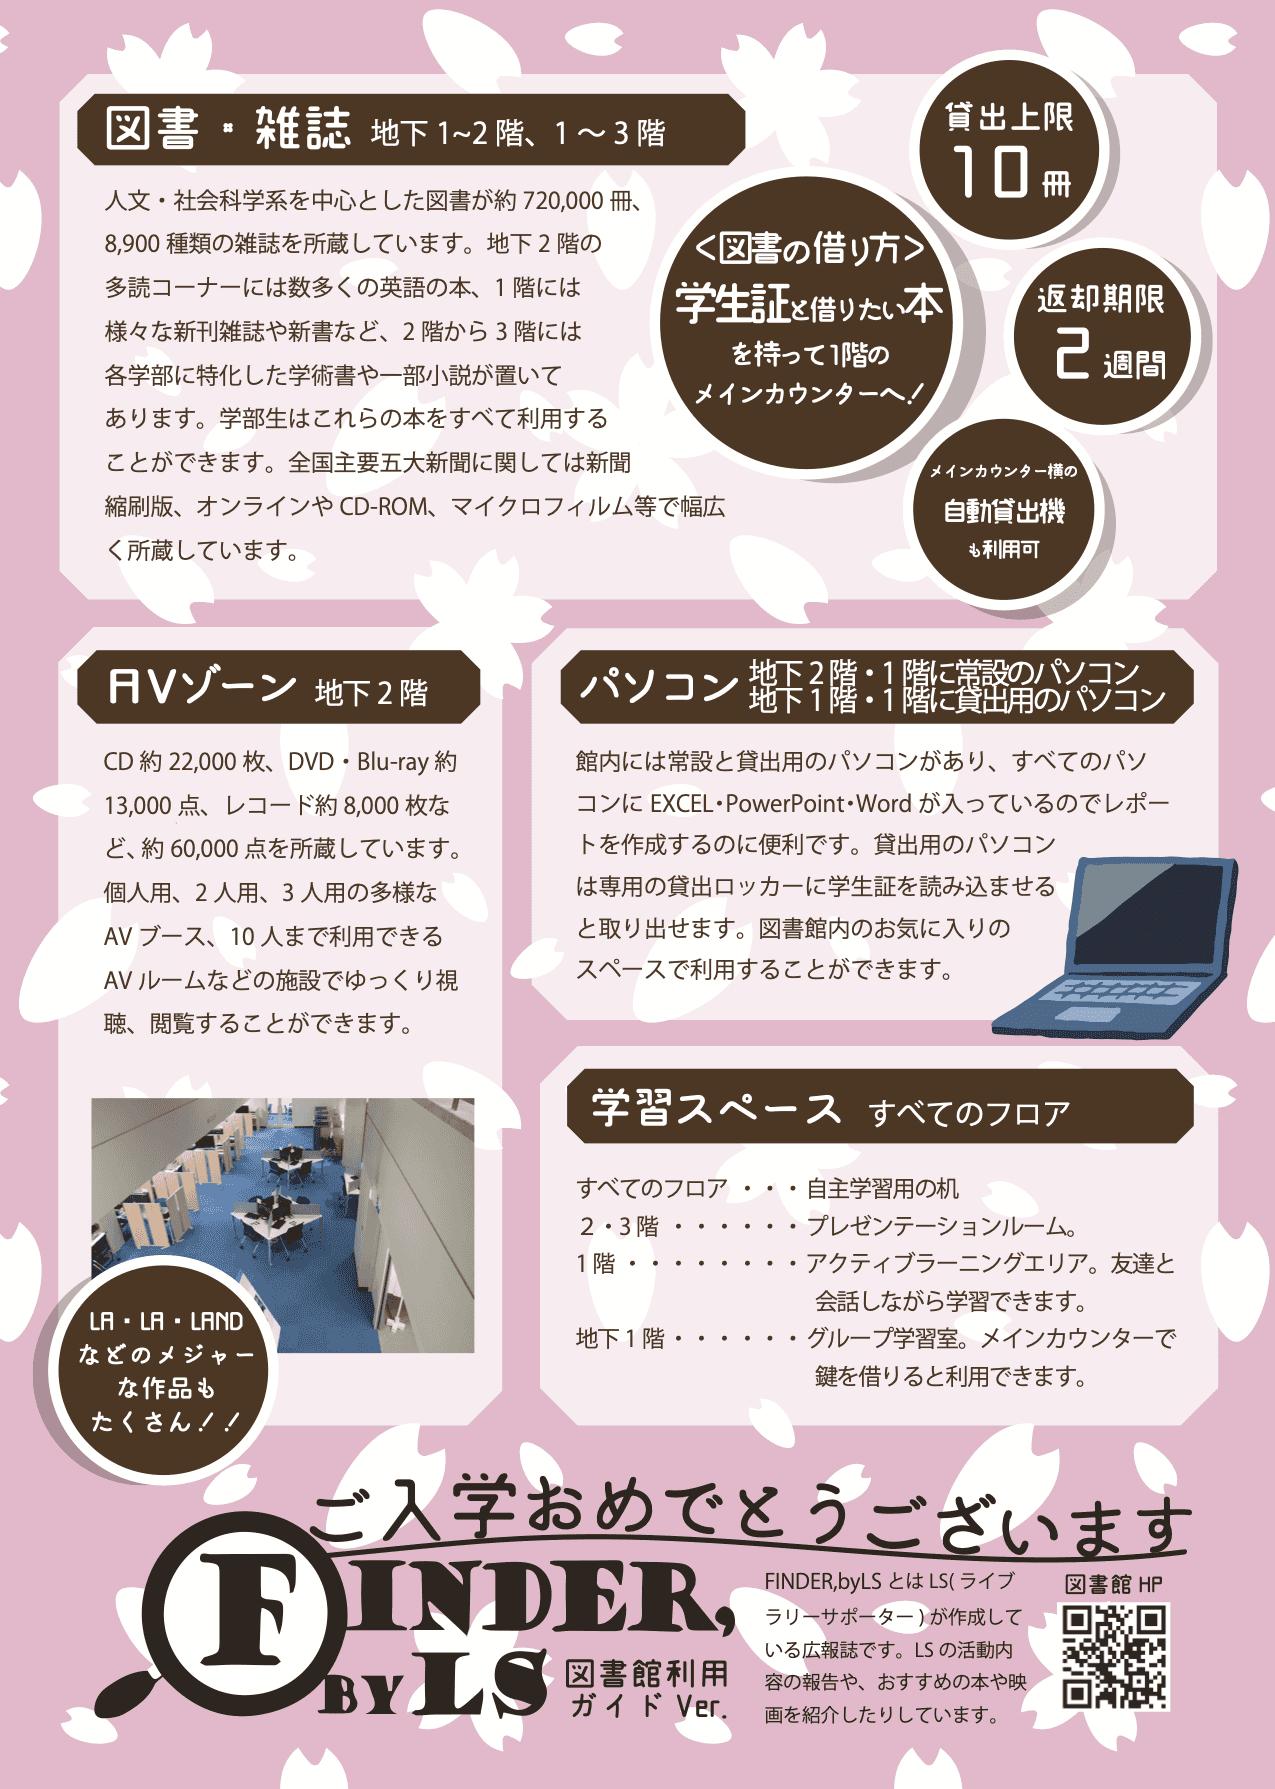 LS広報誌 Finder by LS